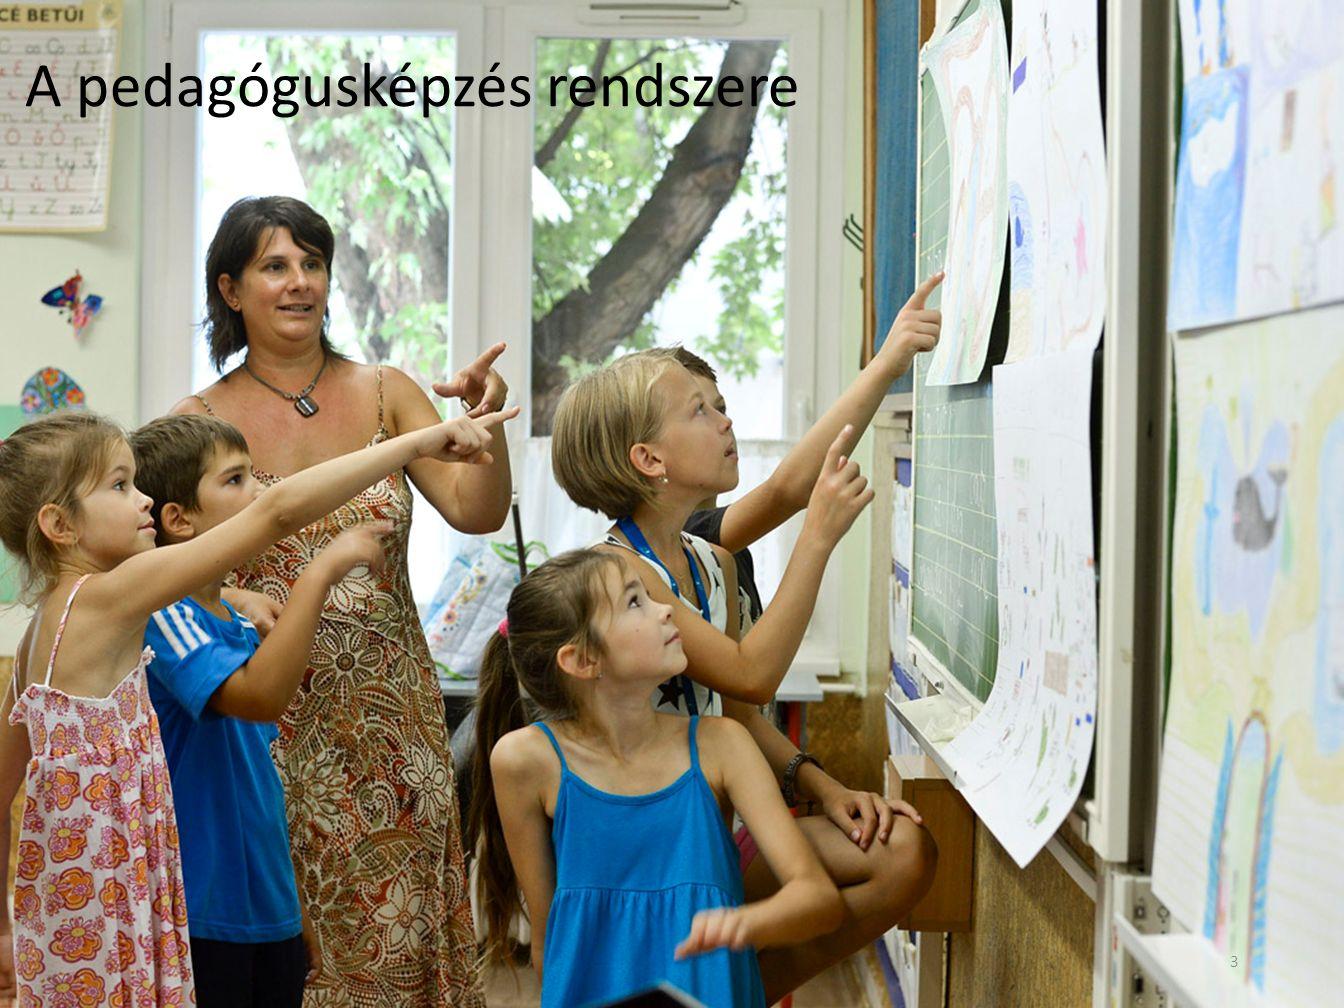 Alapképzési szakok Csecsemő- és kisgyermeknevelő (képzési idő: 6 félév) Óvodapedagógus (képzési idő: 6 félév) Tanító (képzési idő: 8 félév) Gyógypedagógia (képzési idő: 7+1 félév) Konduktor (képzési idő: 8 félév) Az alapképzési szakok képzési szerkezetét a köznevelési igényeknek megfelelően kell átalakítani.